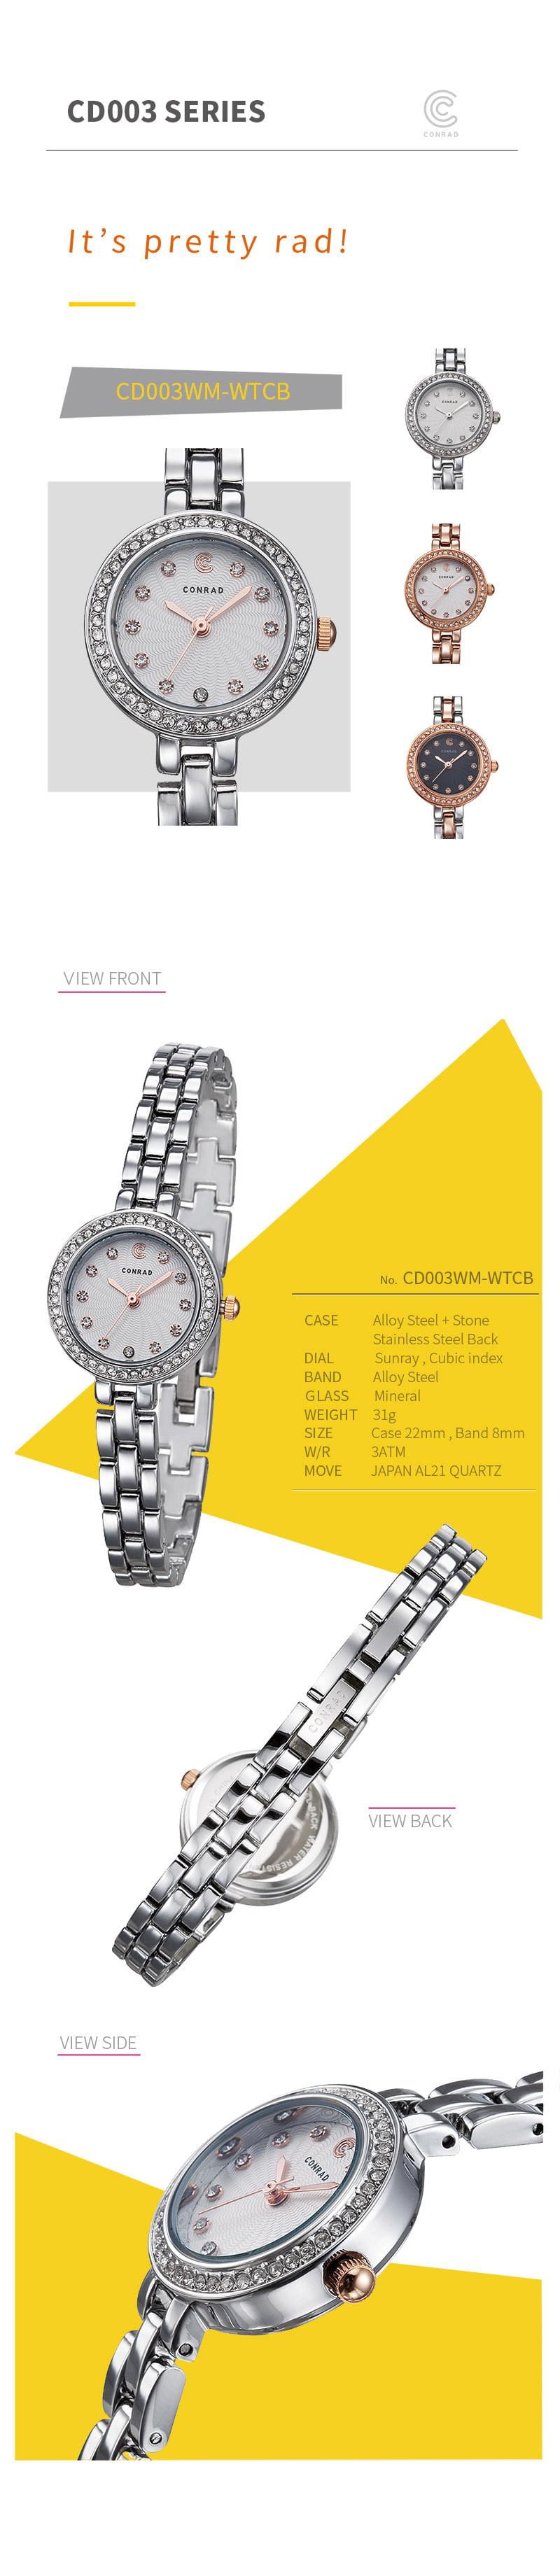 콘라드 여성시계 CD003WM WTCB - 콘라드, 138,000원, 여성시계, 메탈시계